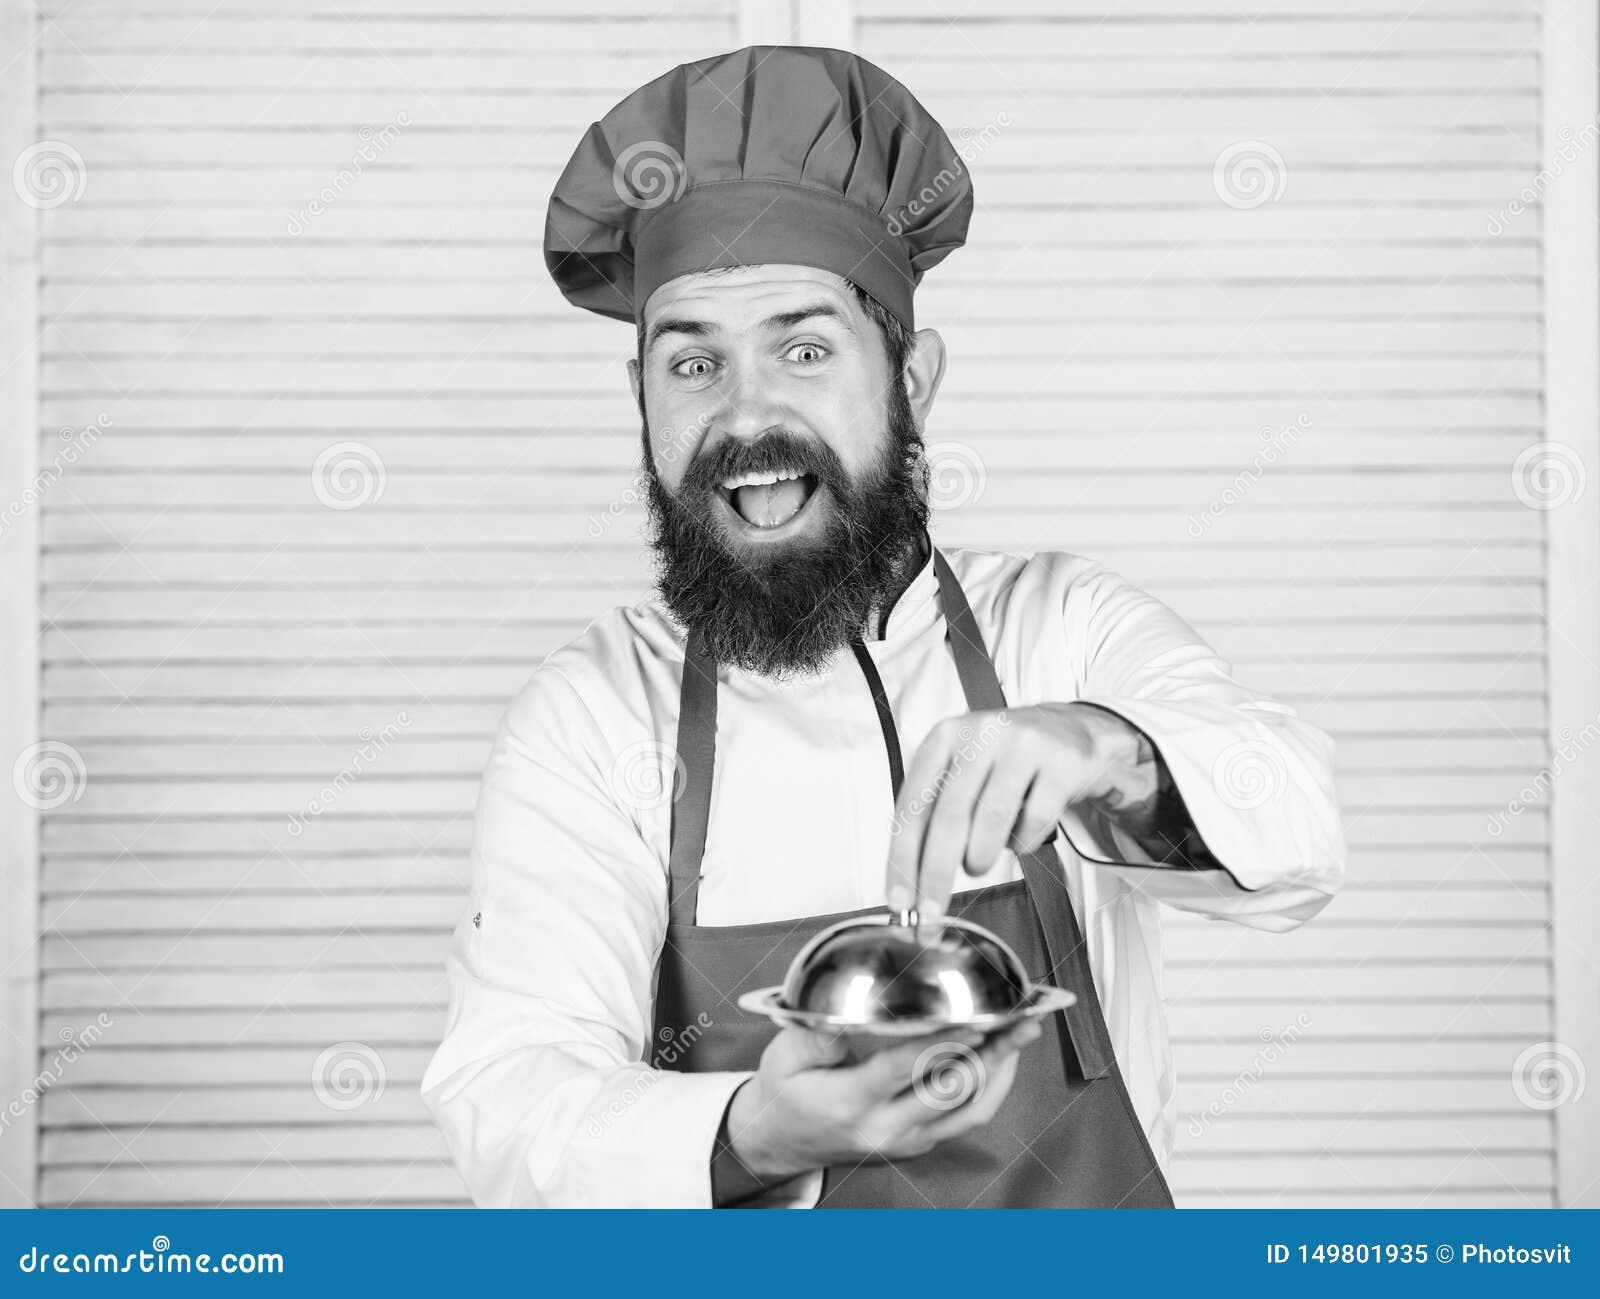 Καπέλο ατόμων και γεύμα λαβής ποδιών που καλύπτεται με το καπάκι Εικασία ποιος μαγείρεψα Αυτό που είναι κάτω από το καπάκι Εύγευσ